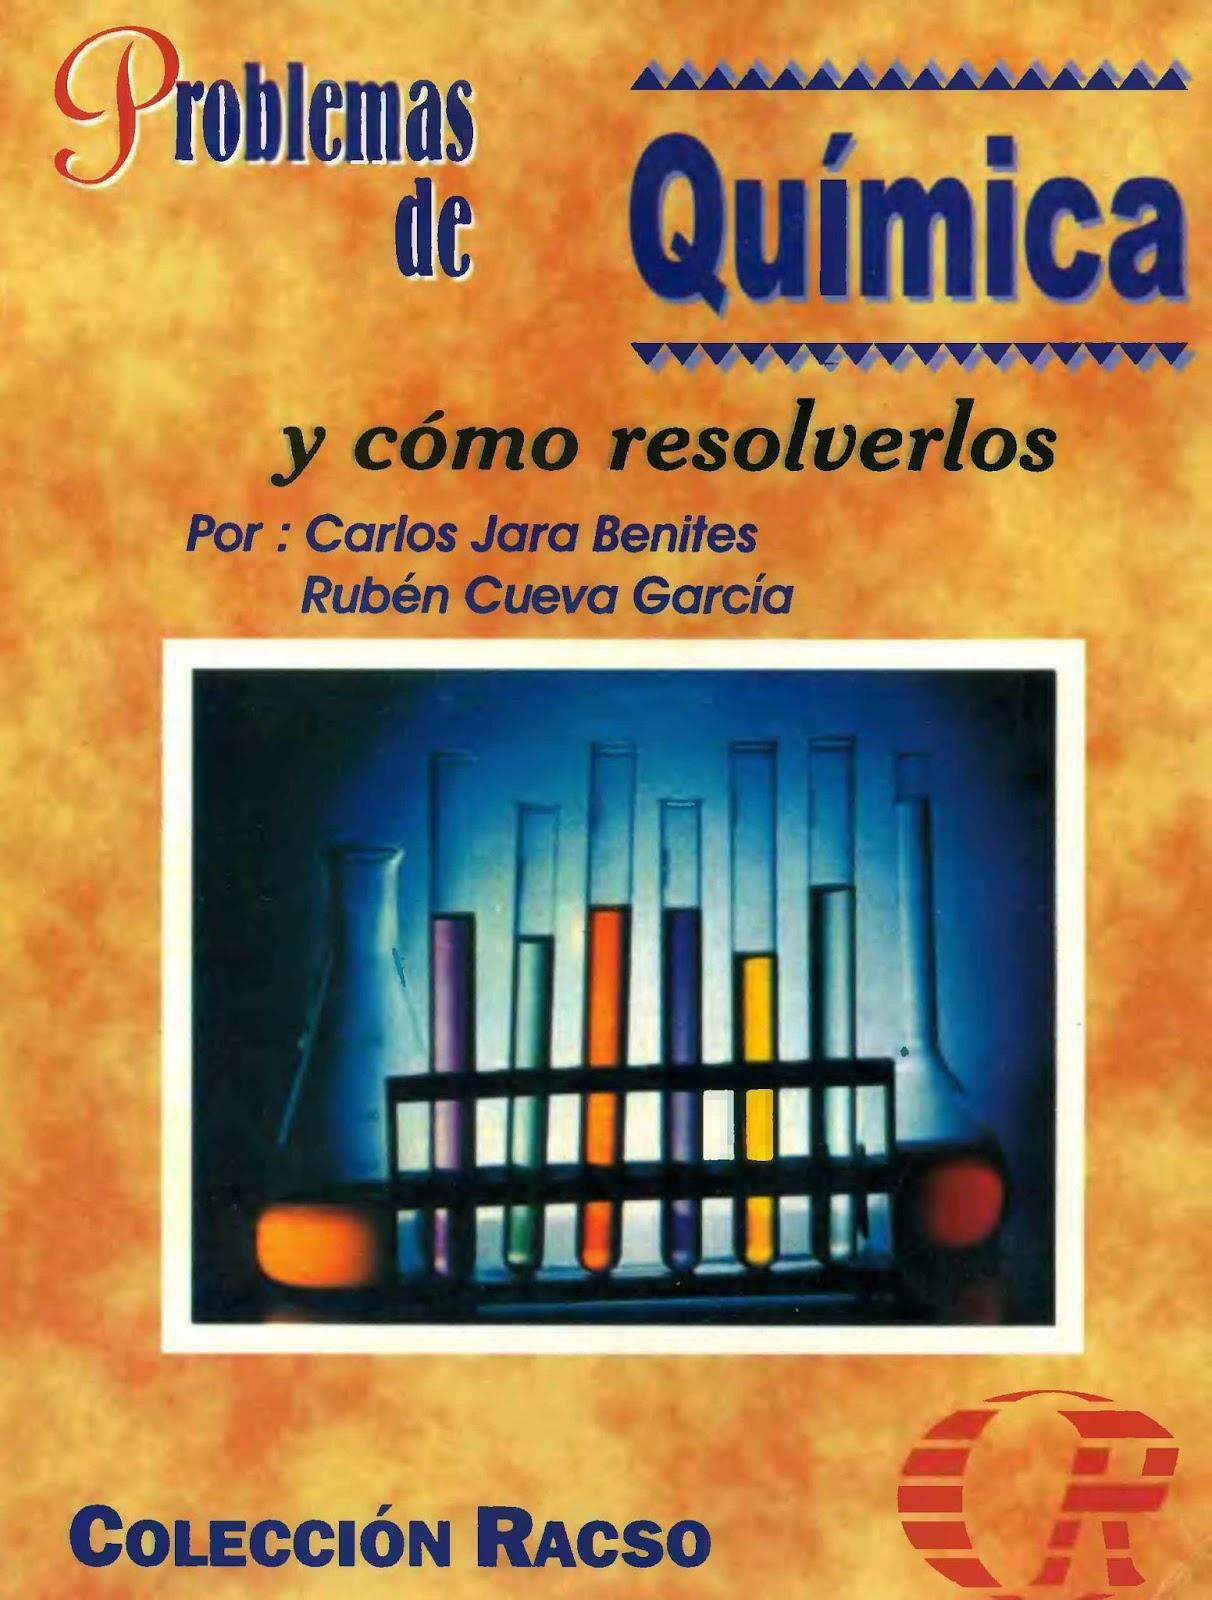 Coleccion racso libros preuniversitarios en pdf Libros de ceramica pdf